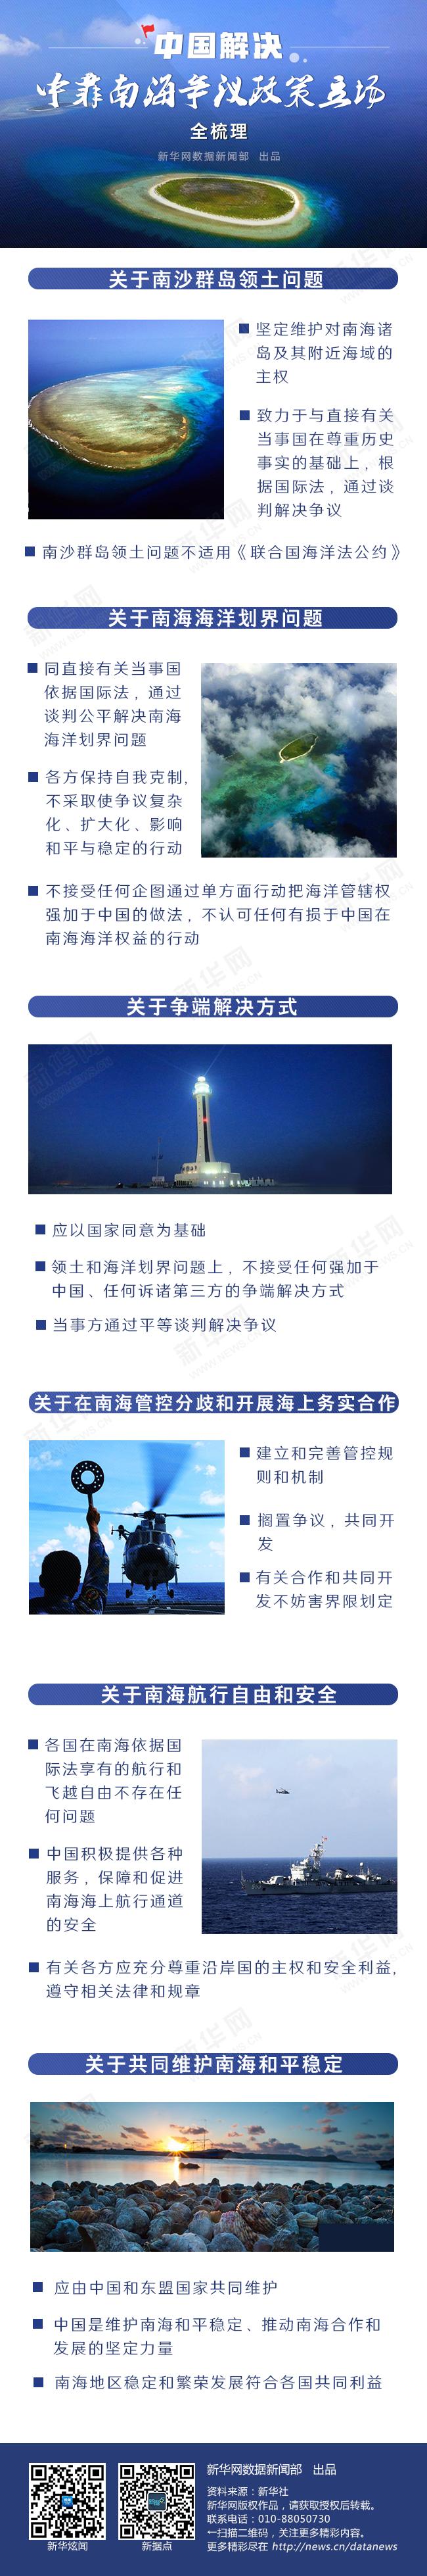 中国解决中菲南海争议政策立场全梳理 - shufubisheng - shufubisheng的博客